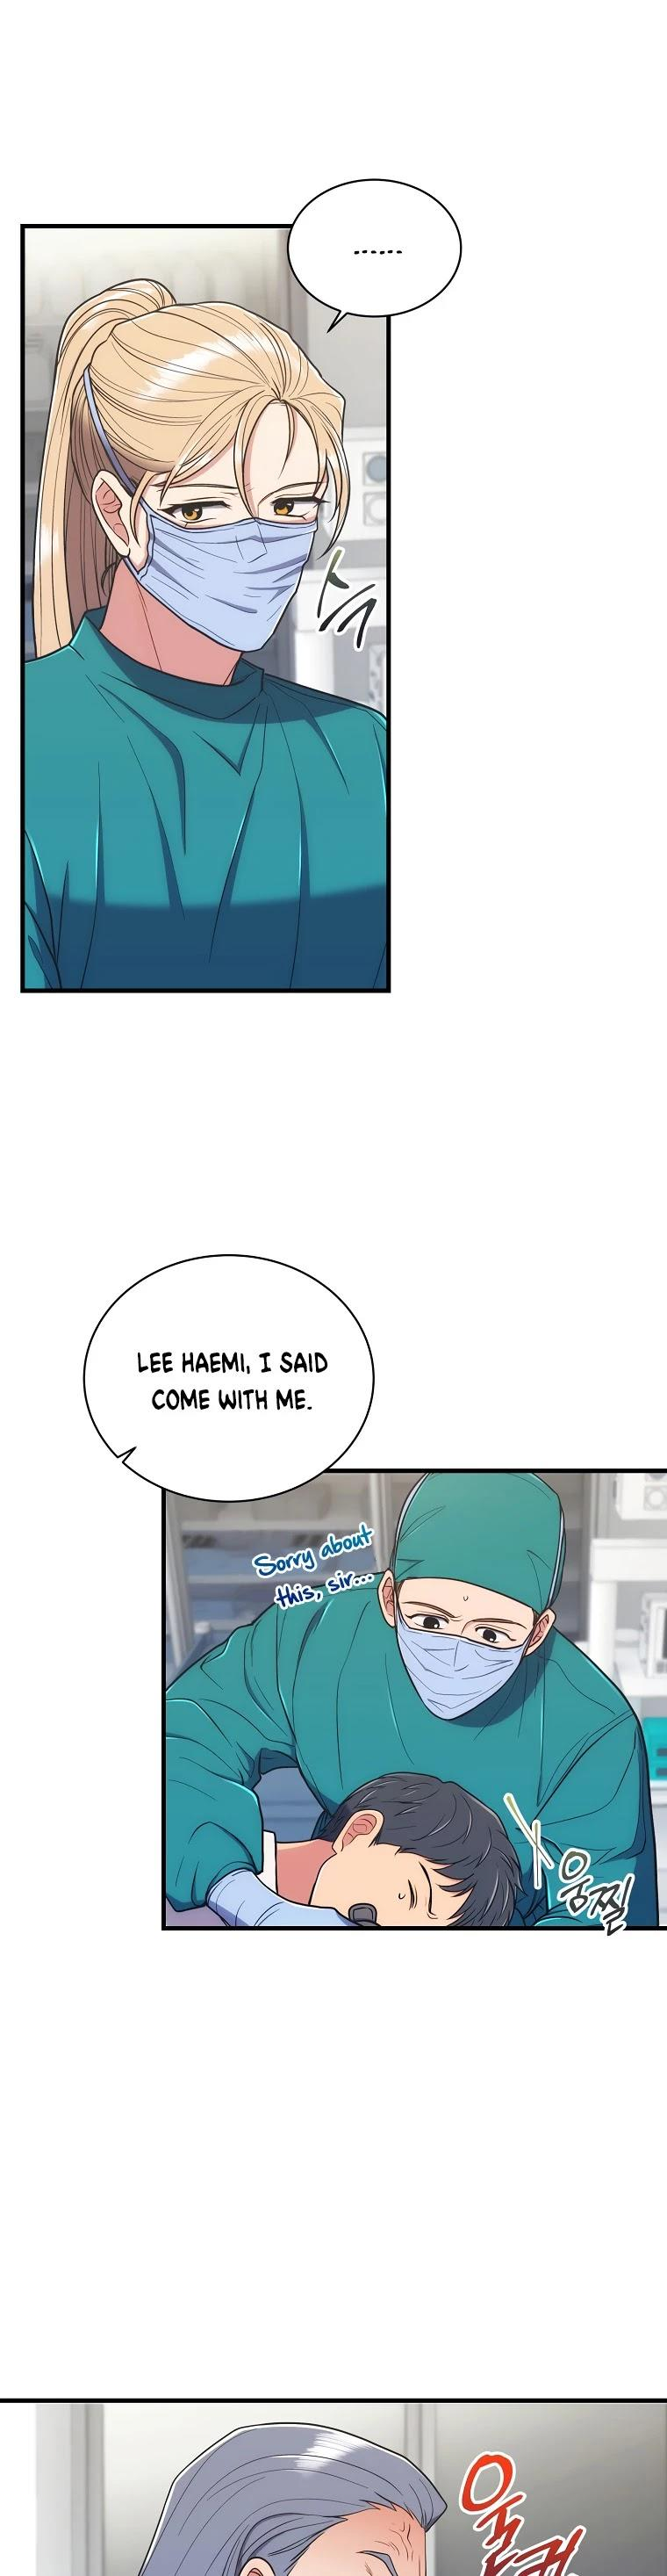 Medical Return Chapter 128 page 10 - Mangakakalot